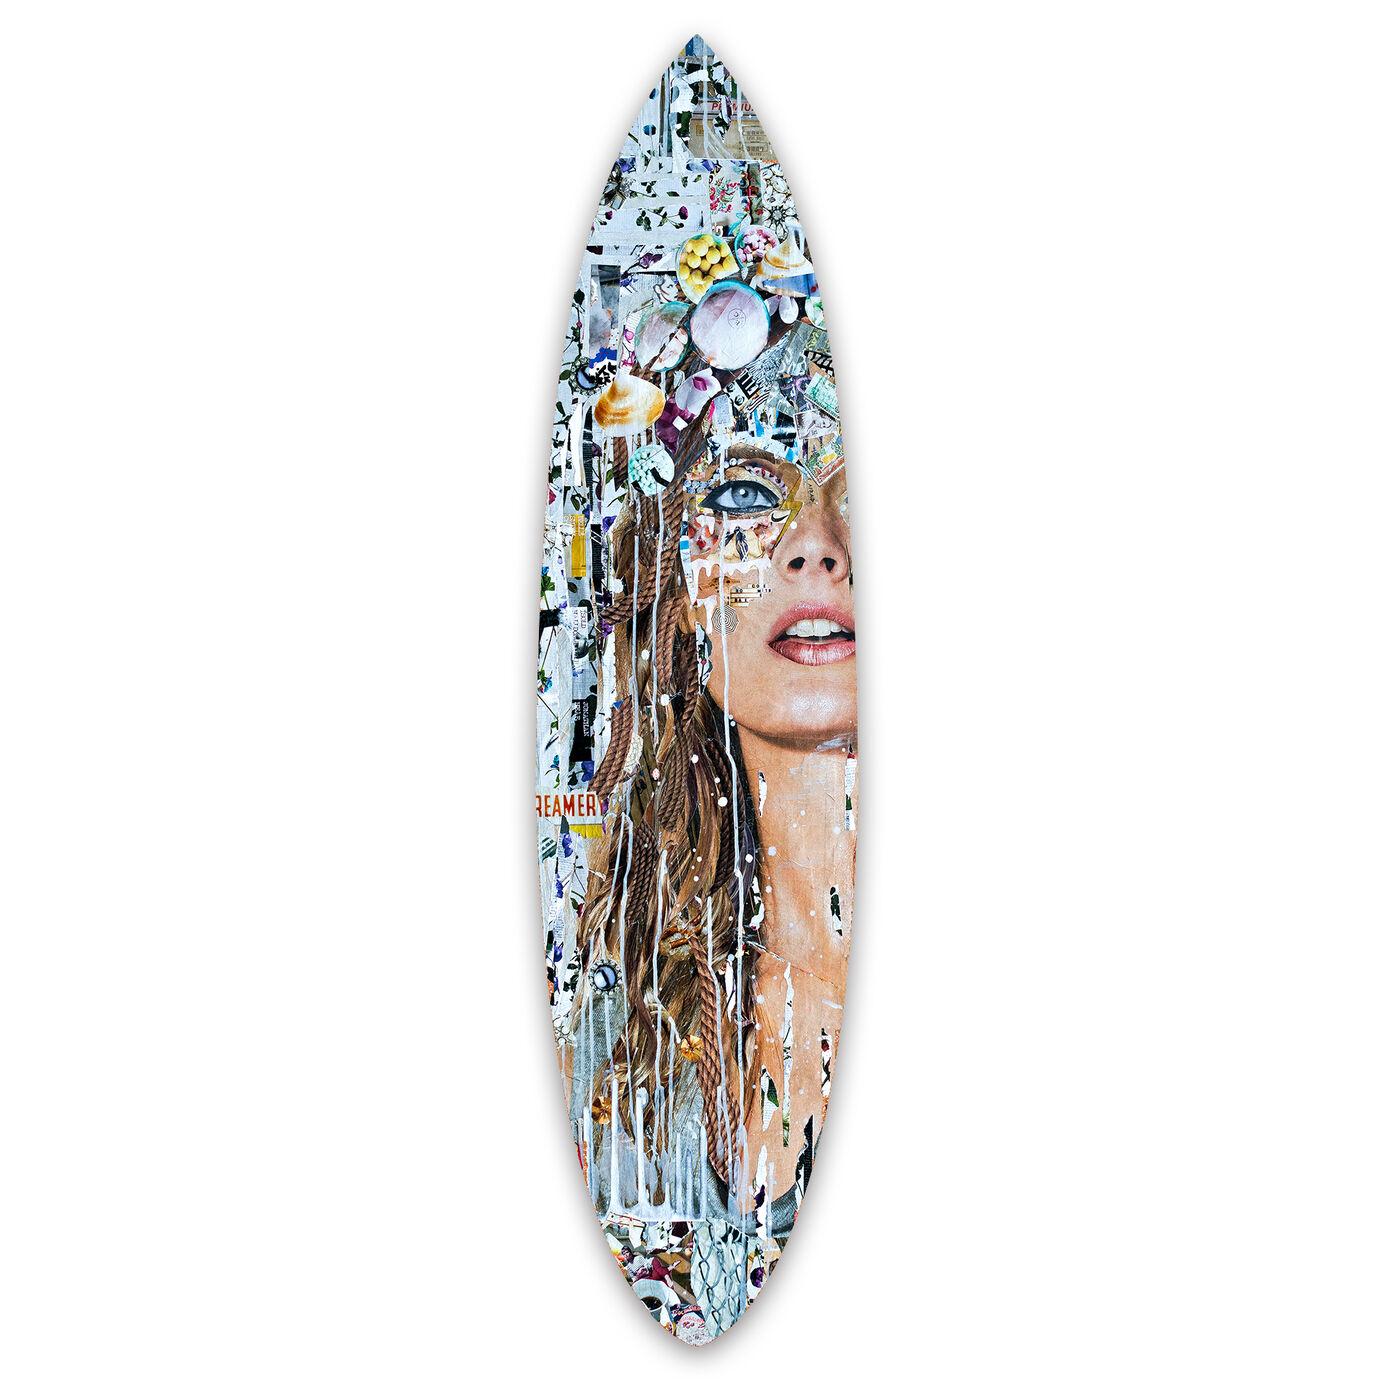 Katy Hirschfeld - BetterDays Surfboard